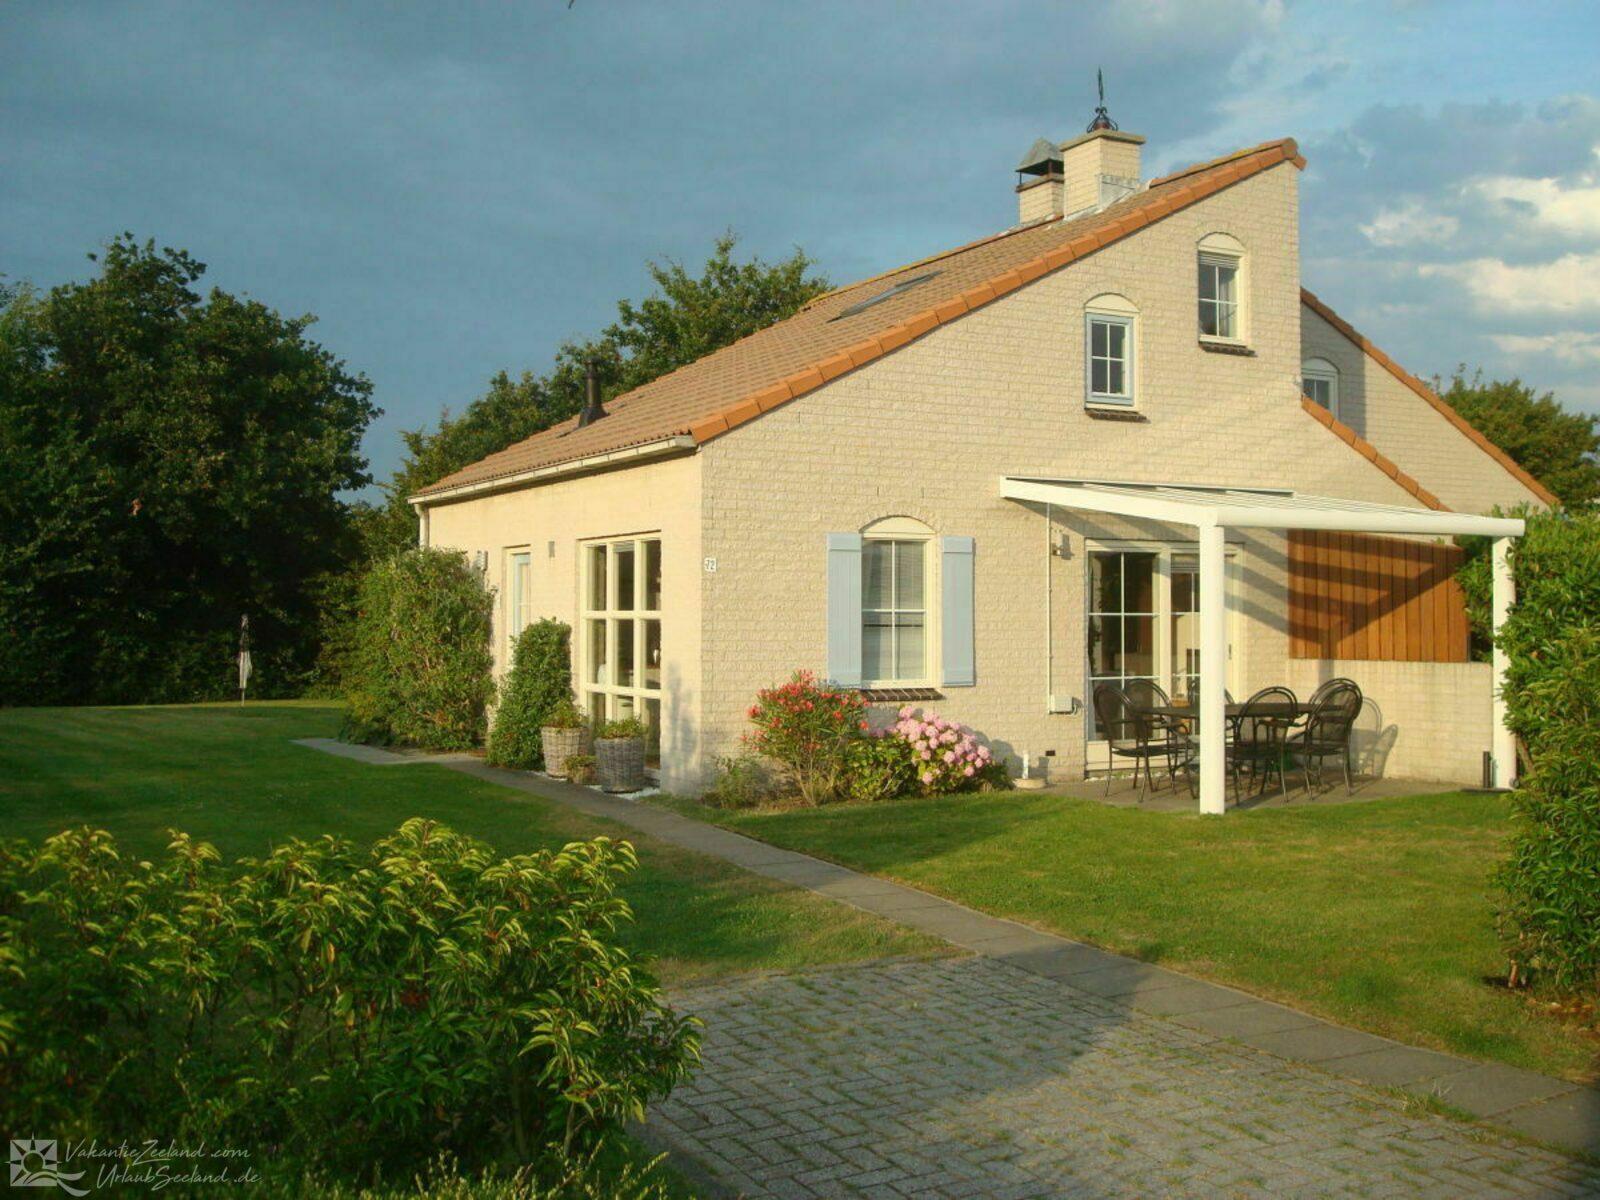 VZ960 Vakantiehuis in Brouwershaven